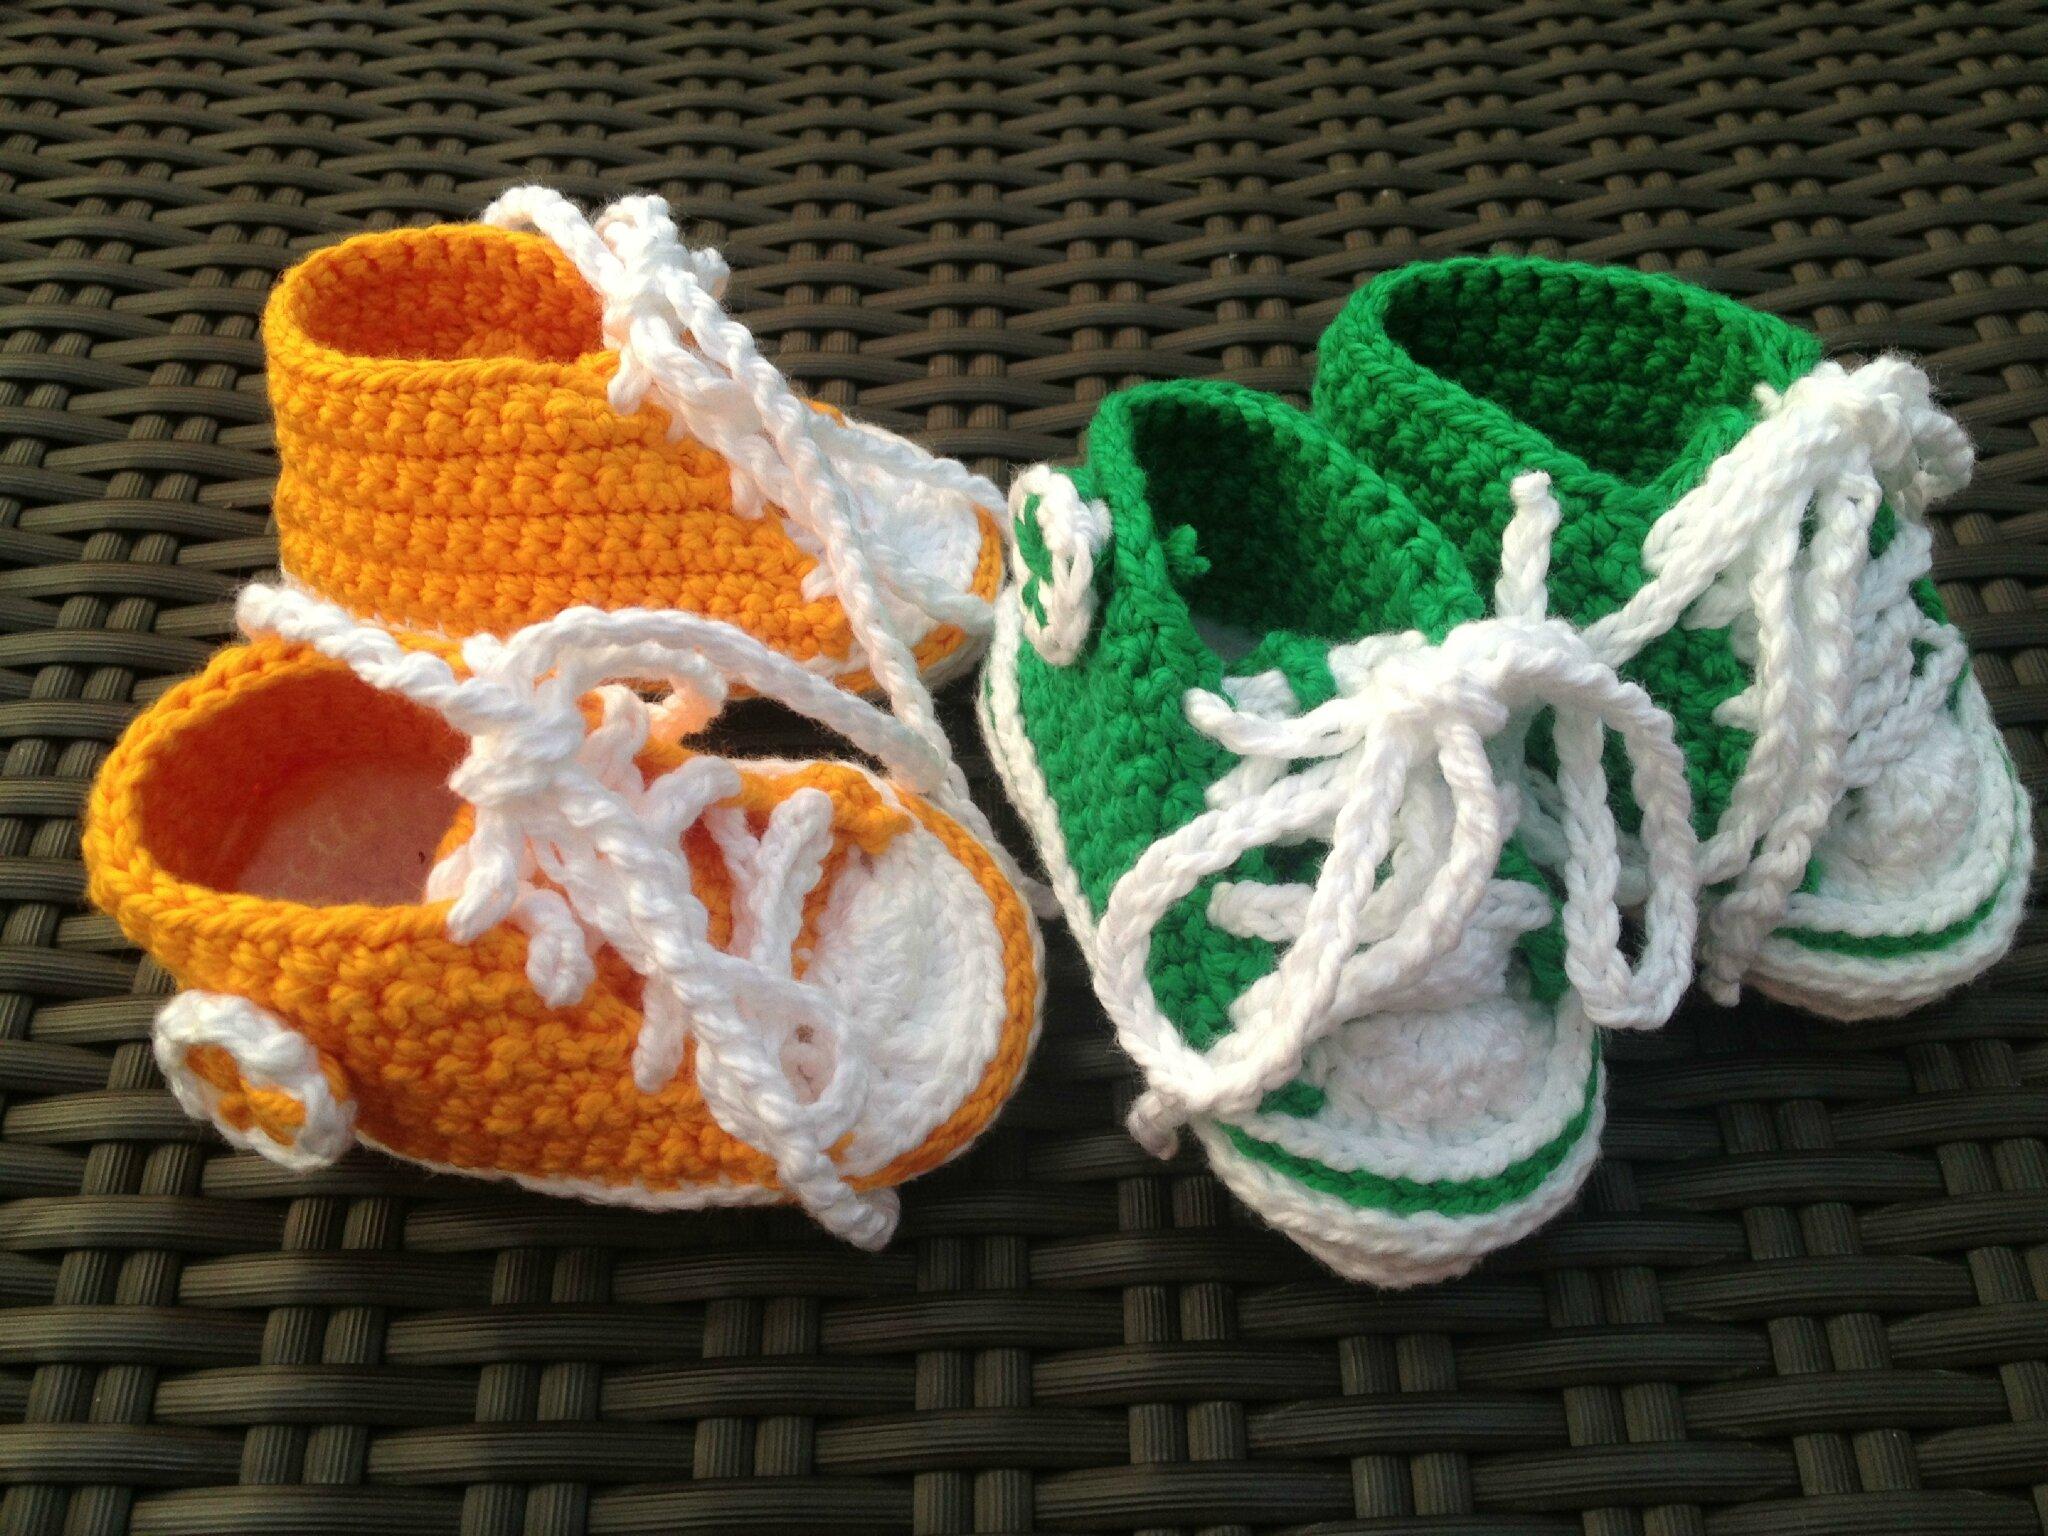 Converse Pour Bébé Au Crochet Les Flofies